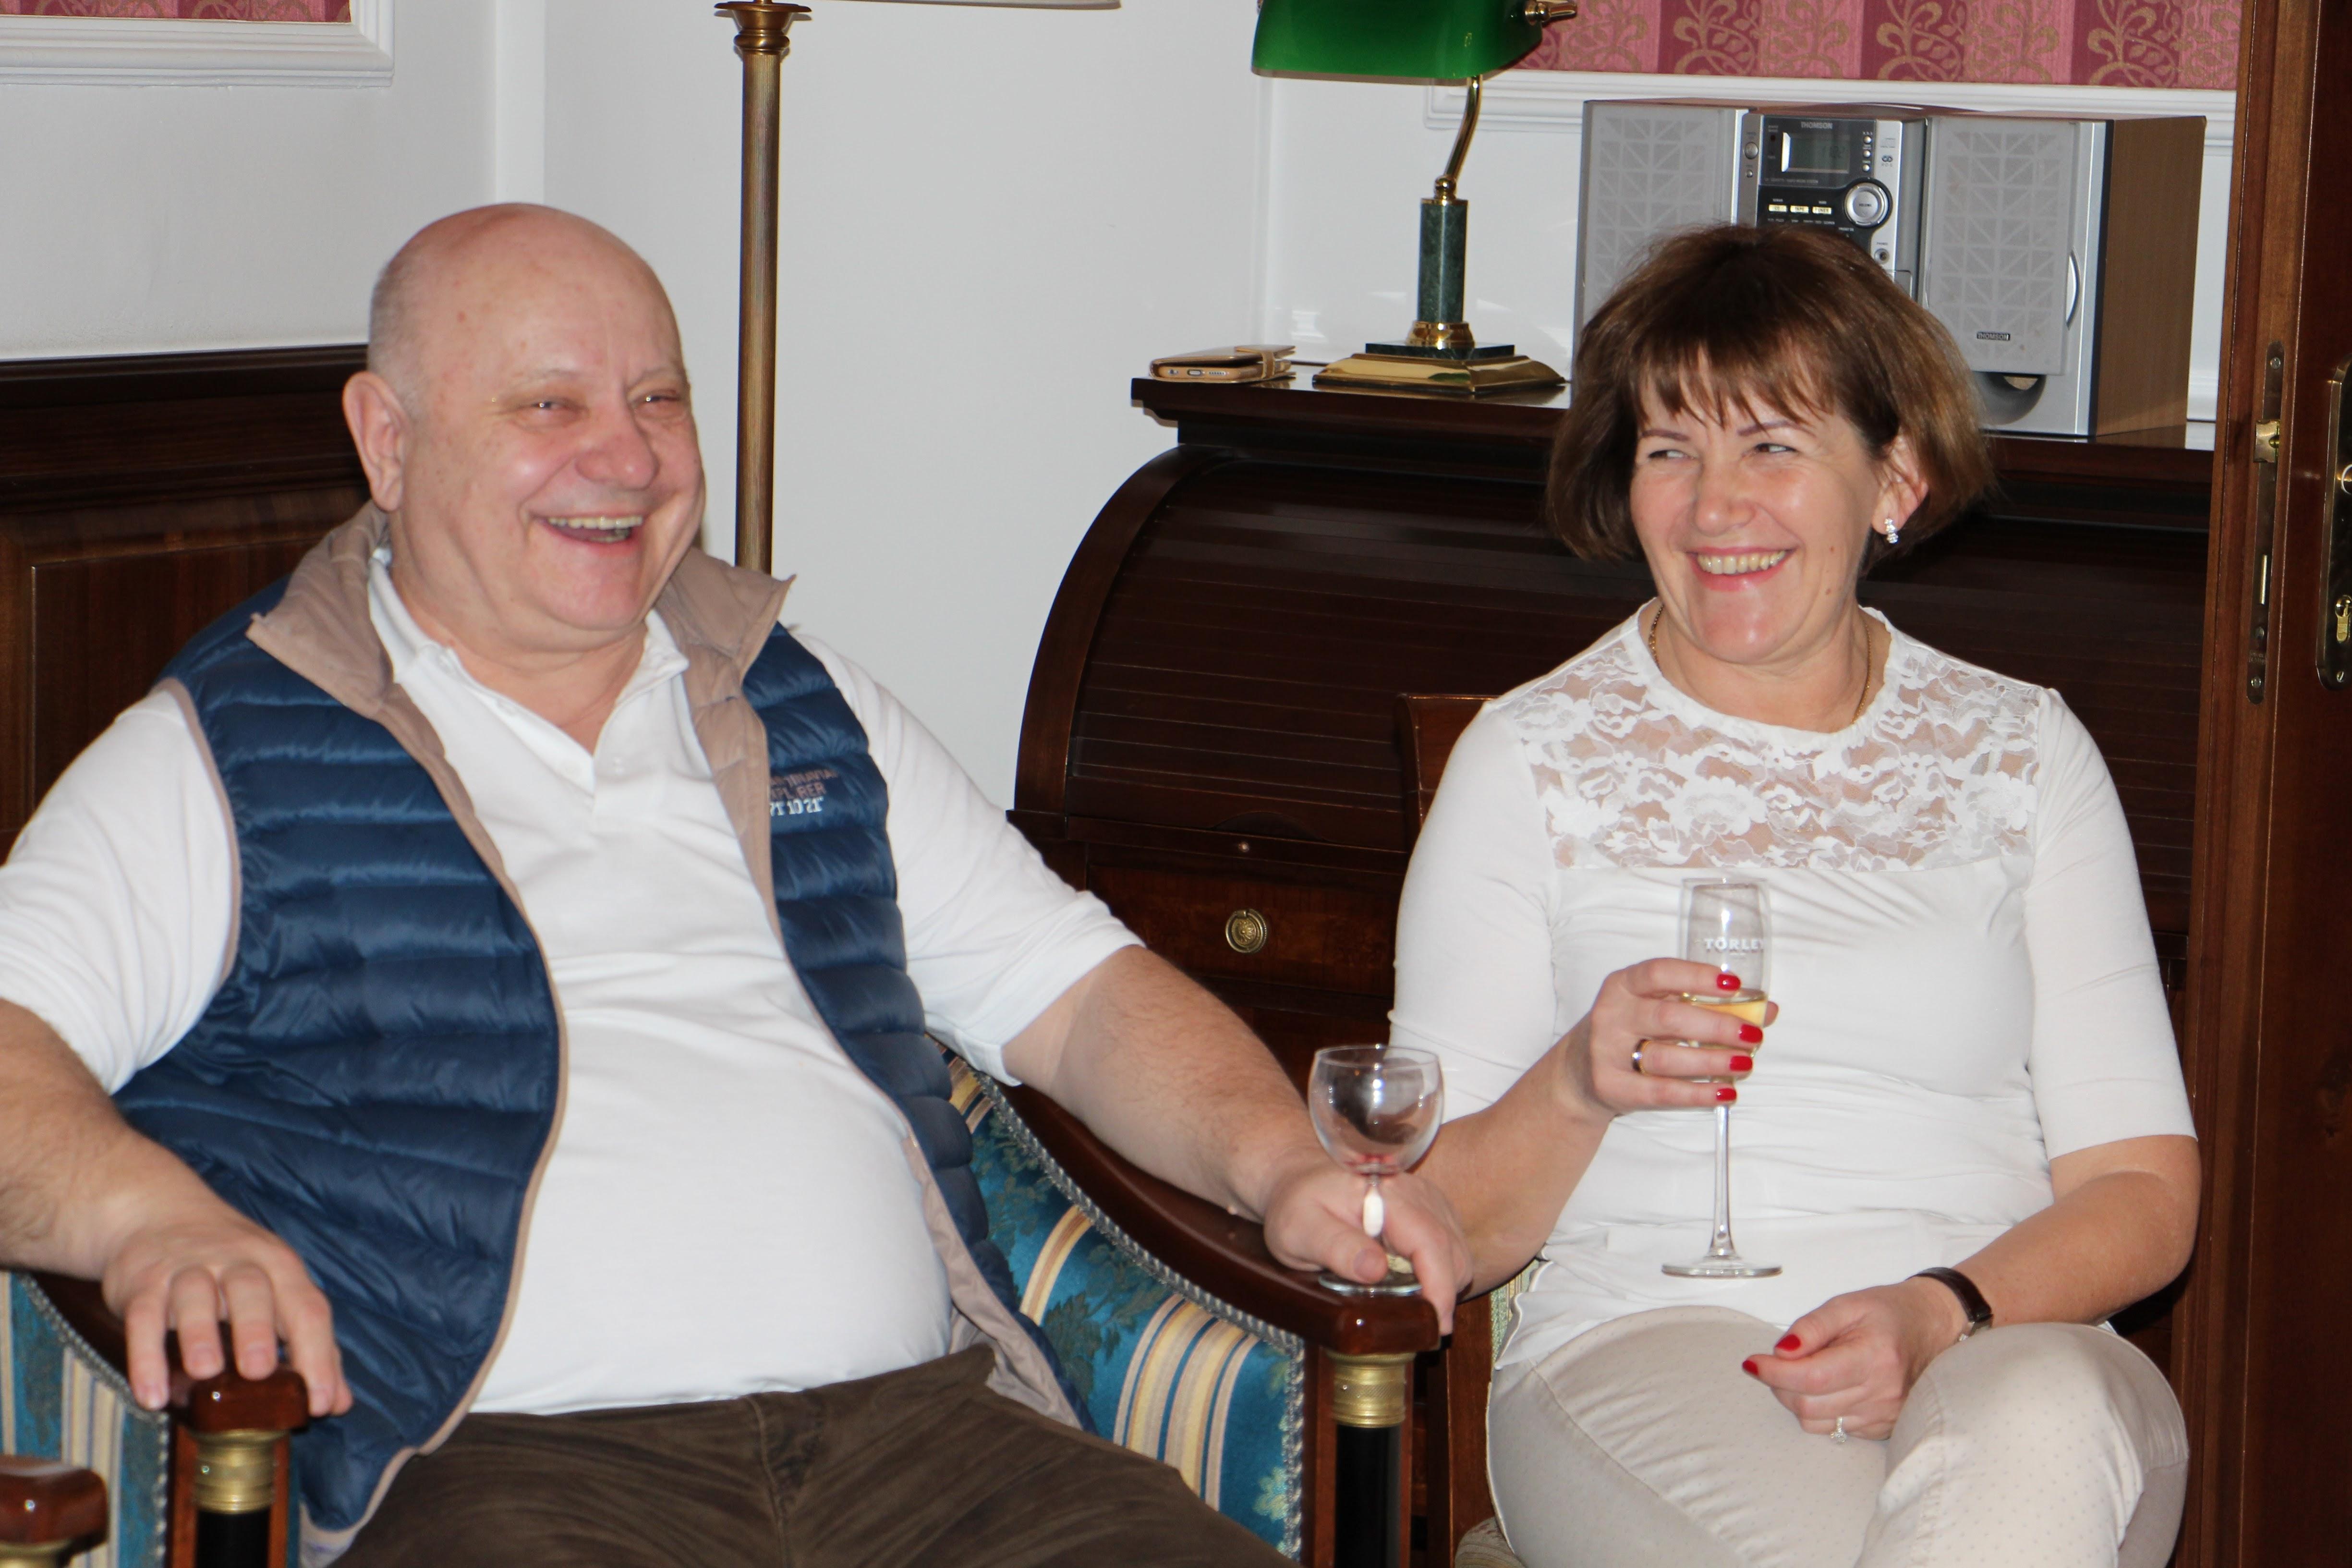 Az ágvezetők, Lőrincz Marika és Lőrincz János vendégül látták az egész csapatot lakosztályukban